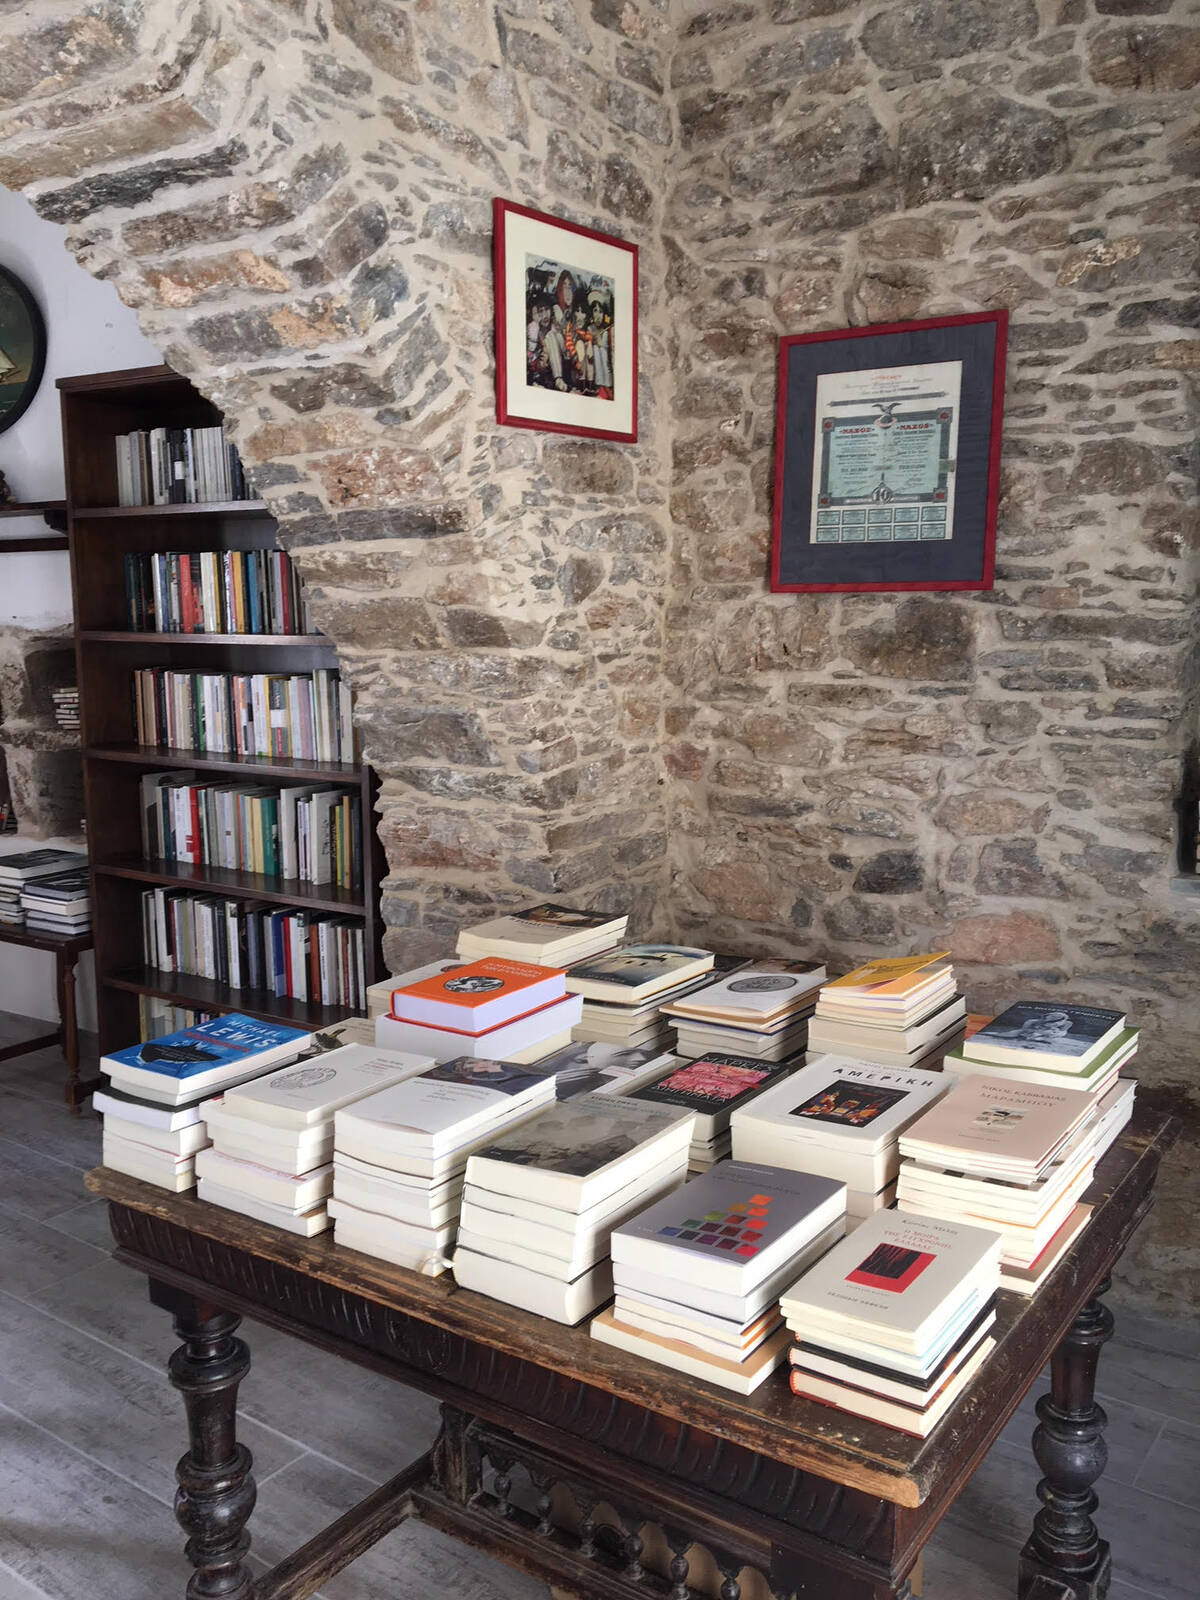 ΒιβλιοπωλείοΣικίνου